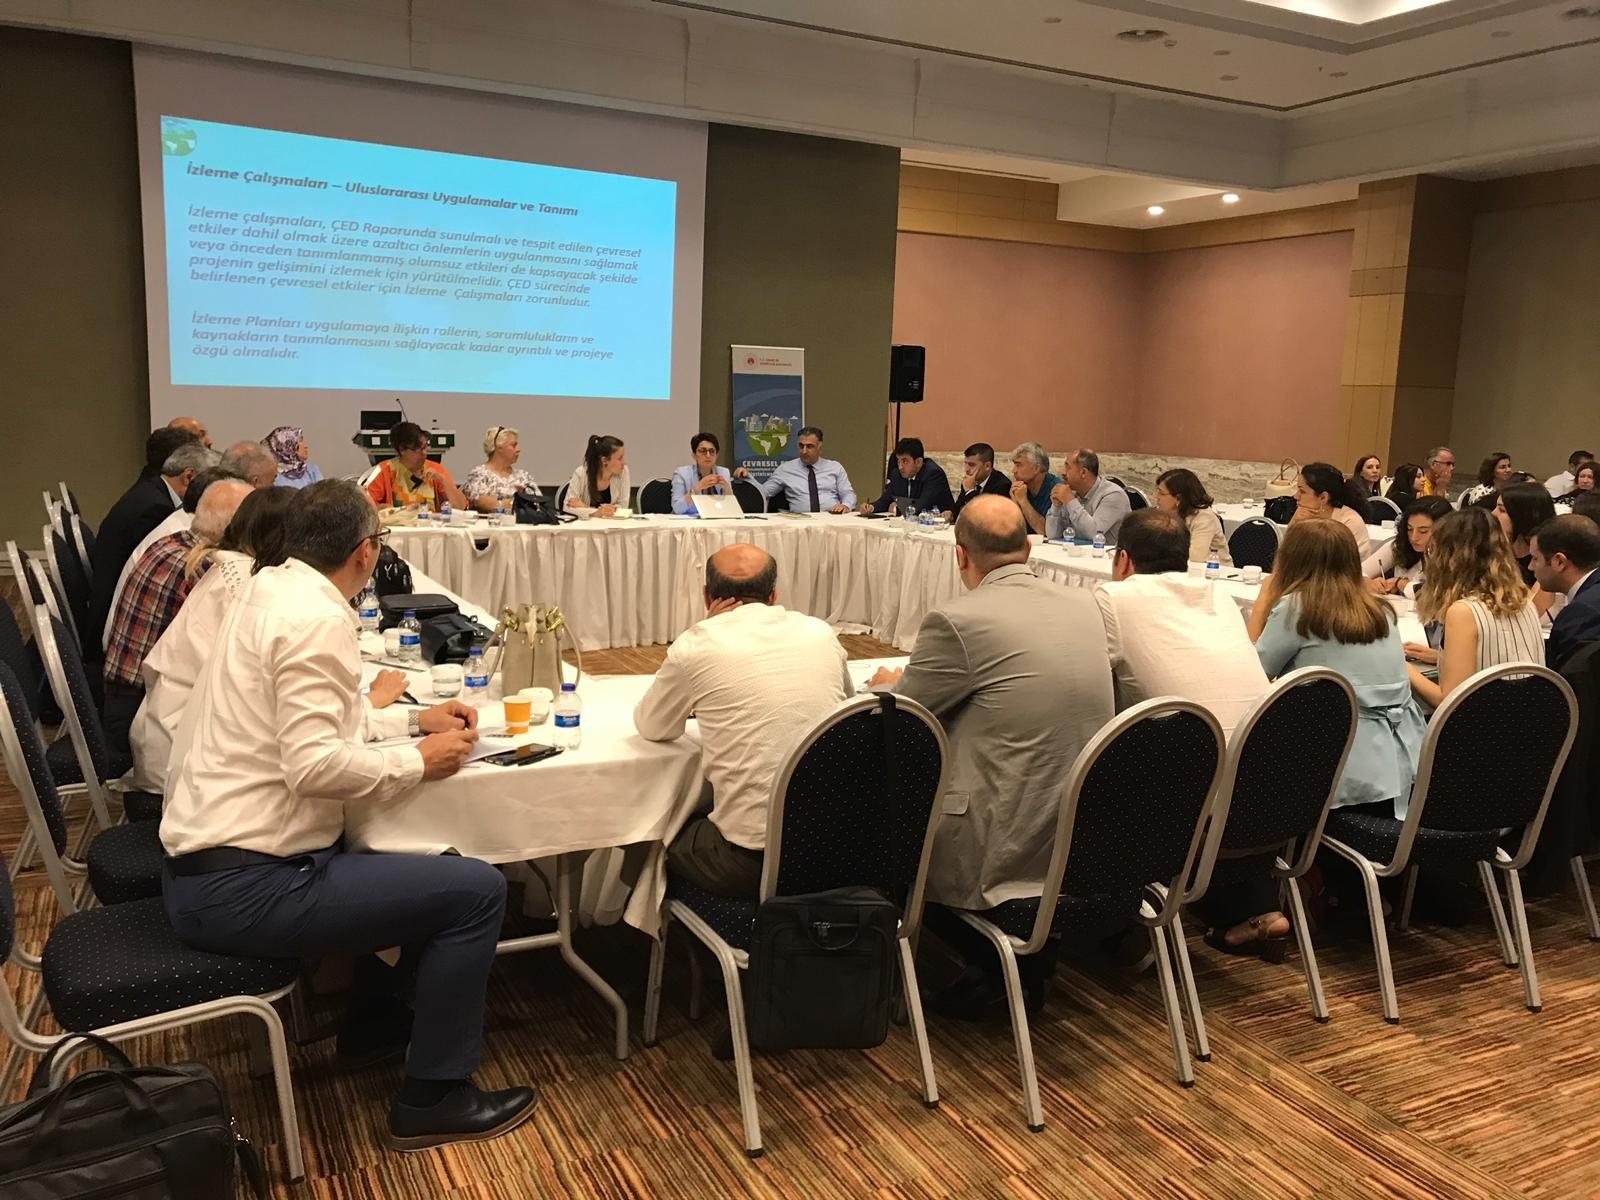 ÇED Yönetmeliği'nin Geliştirilmesi Projesi kapsamında çalışma toplantıları gerçekleştirilmiştir.